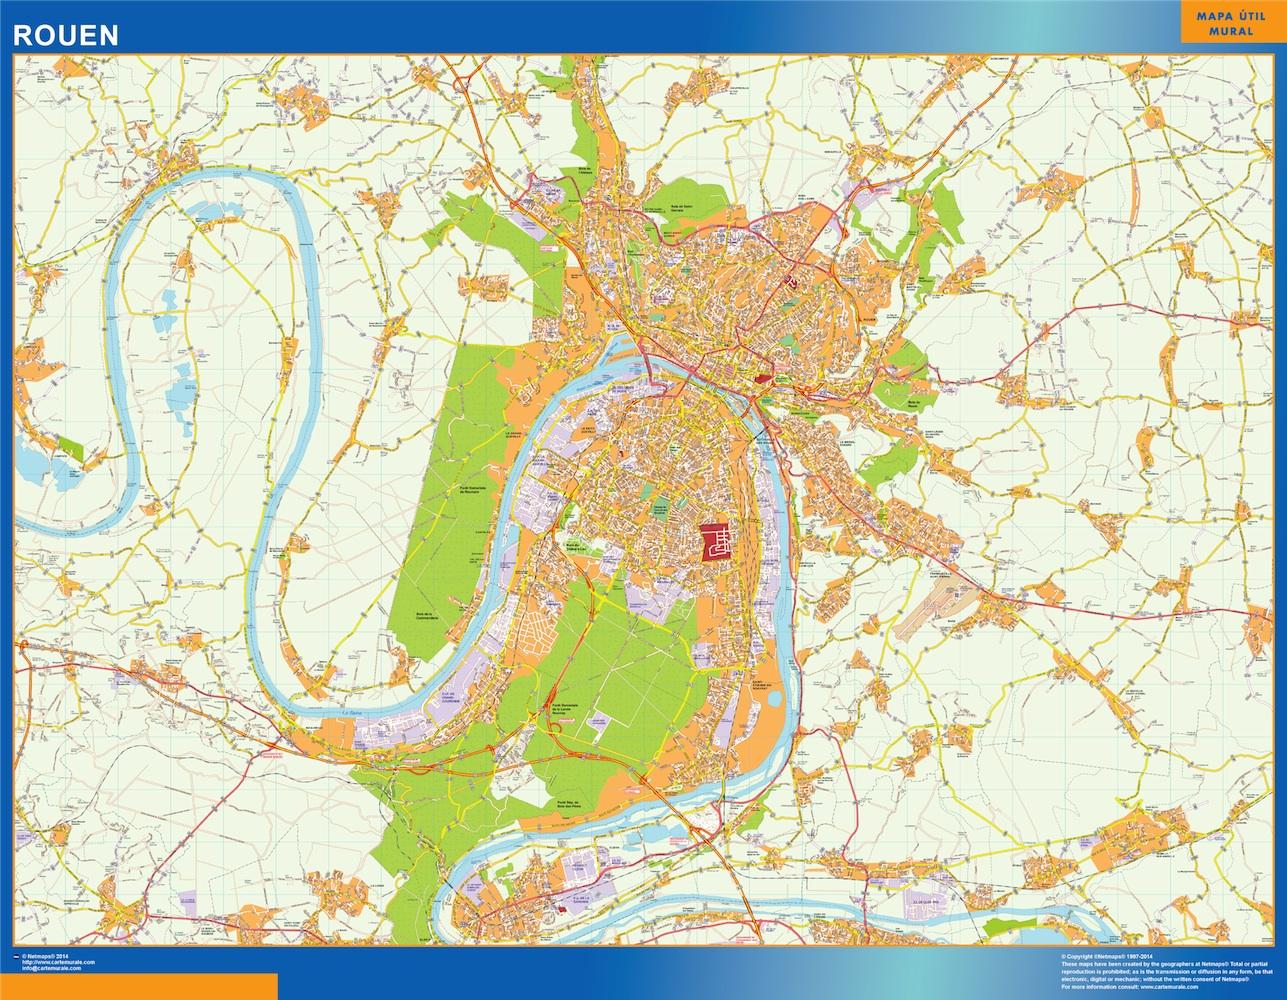 Mapa Rouen en Francia plastificado gigante